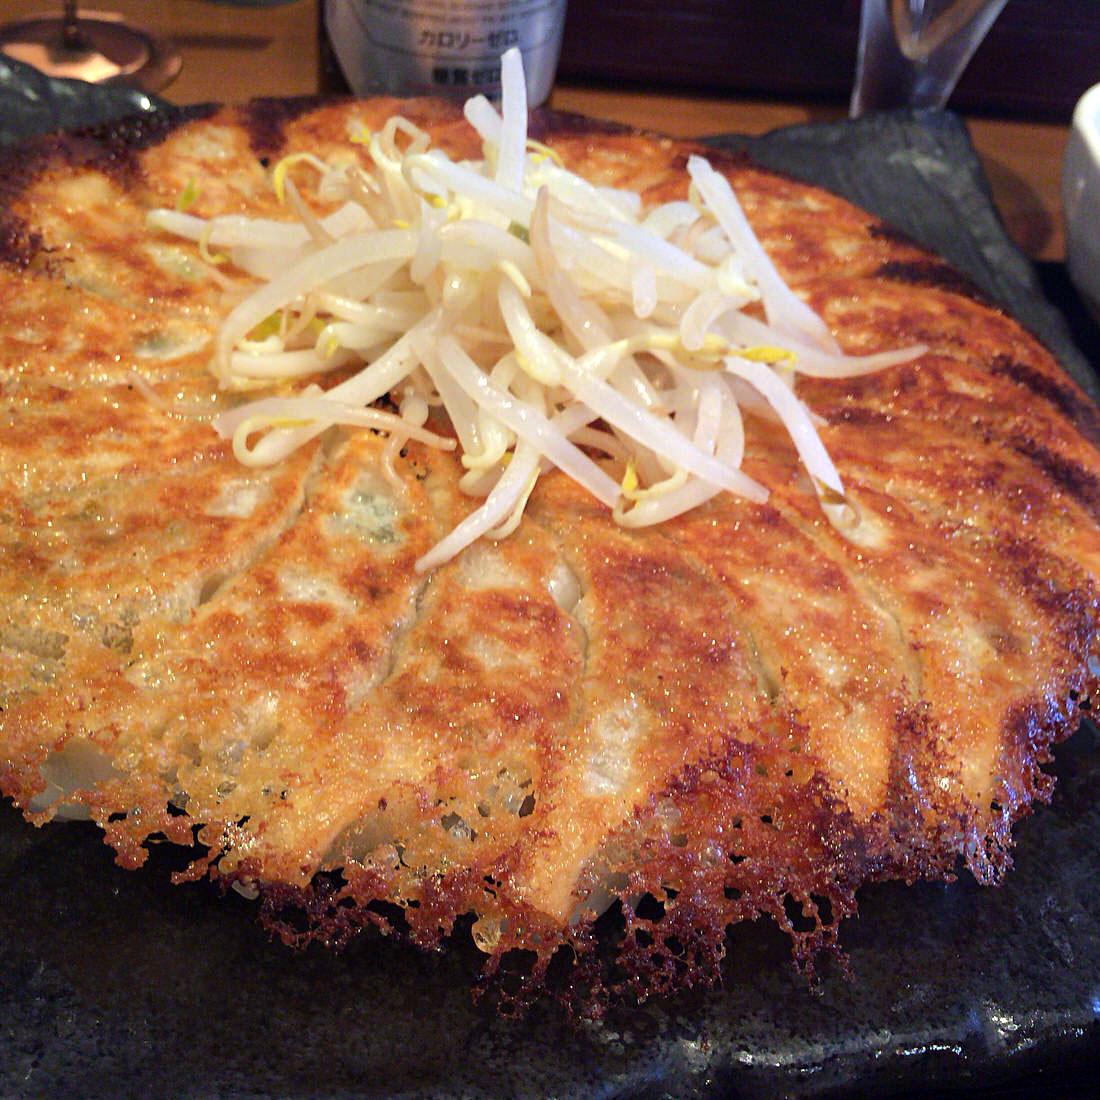 浜松餃子は工場直販の『浜太郎』がおすすめ!餃子作りを見て、食べて、買って、大満足するのがいいよ!